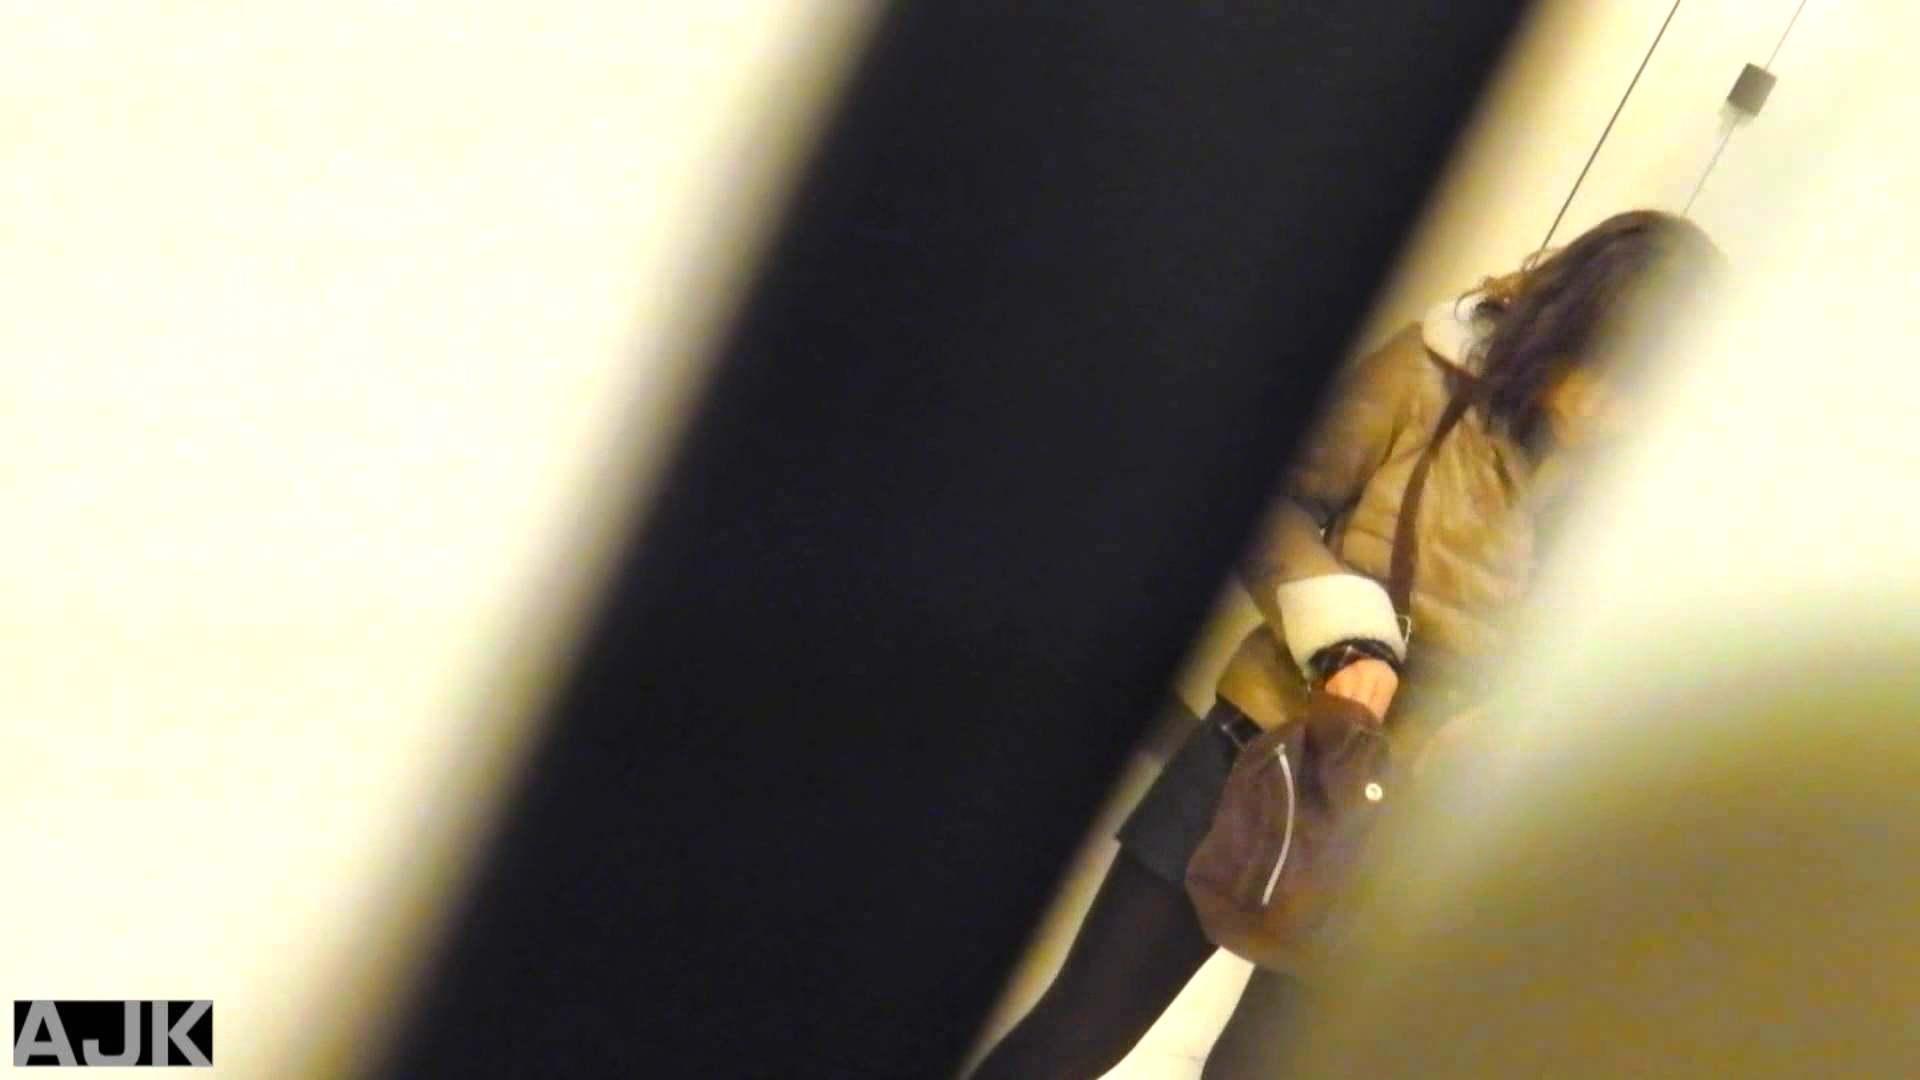 神降臨!史上最強の潜入かわや! vol.02 美しいOLの裸体 ぱこり動画紹介 103pic 65